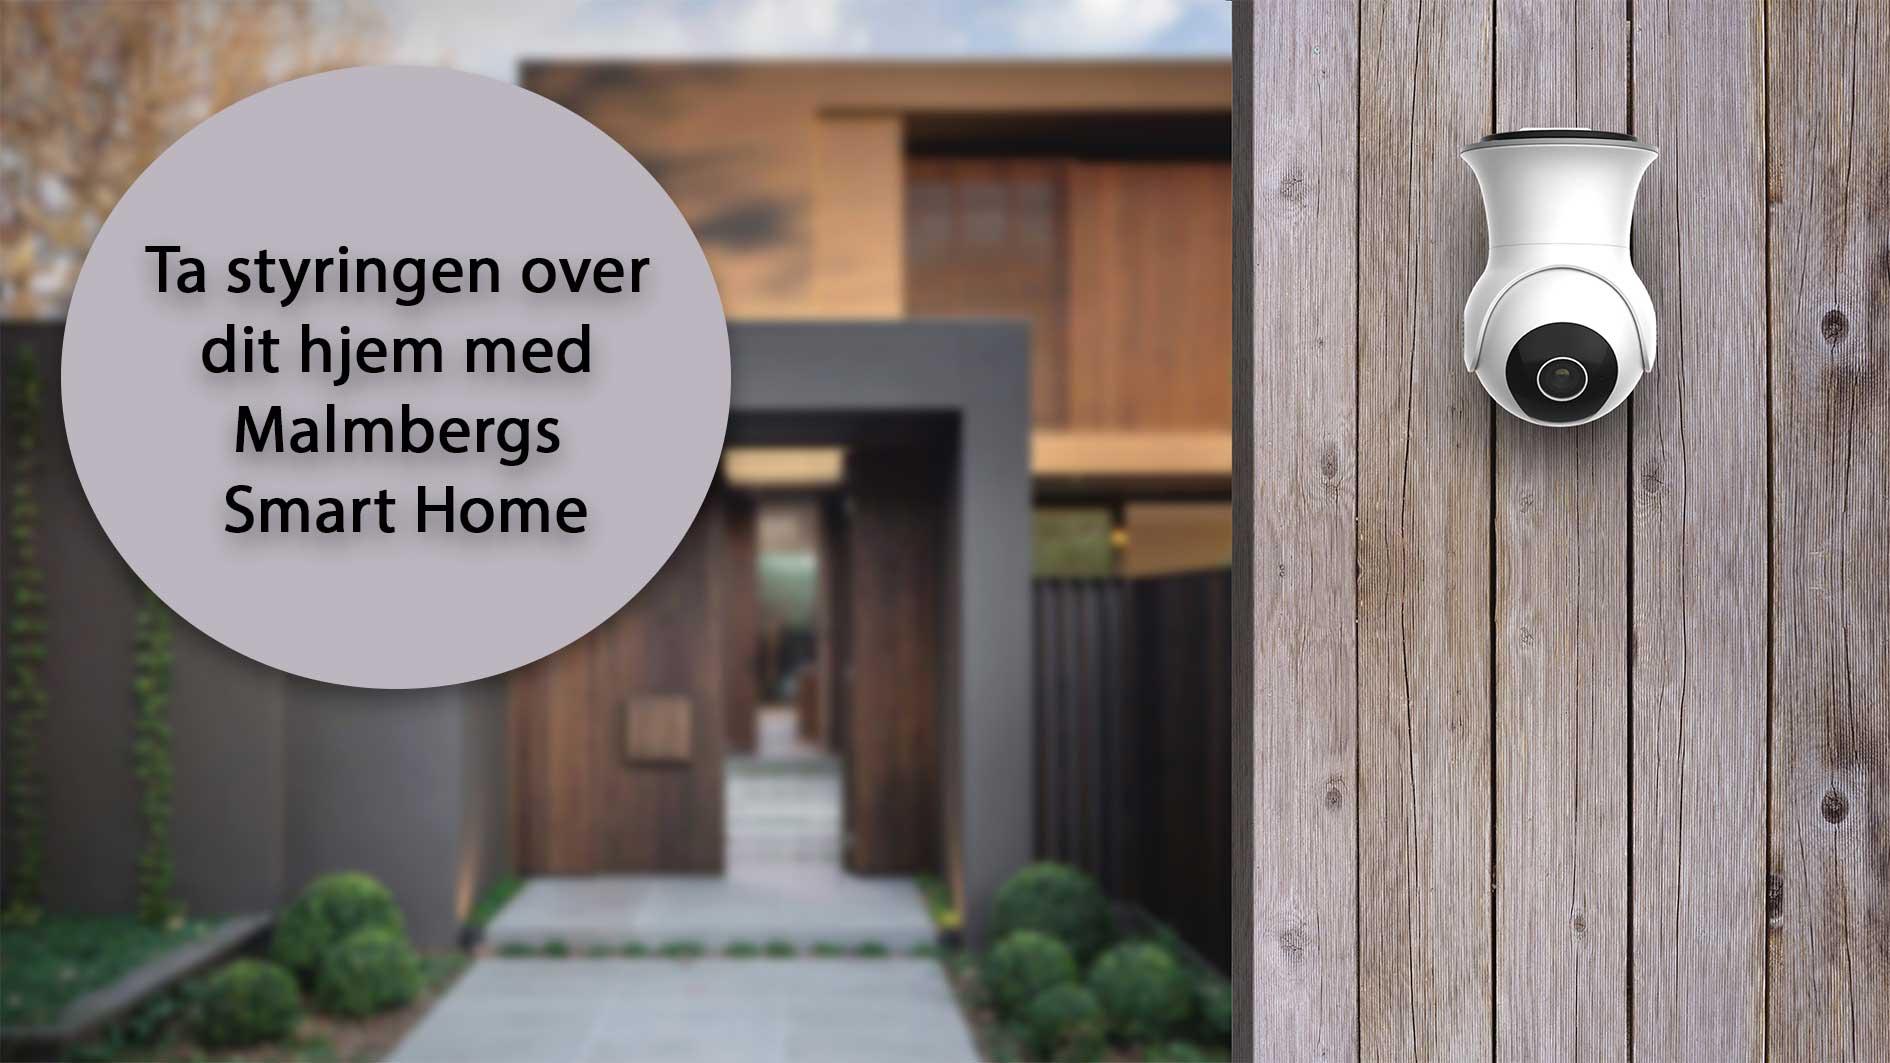 Smart Home Abild